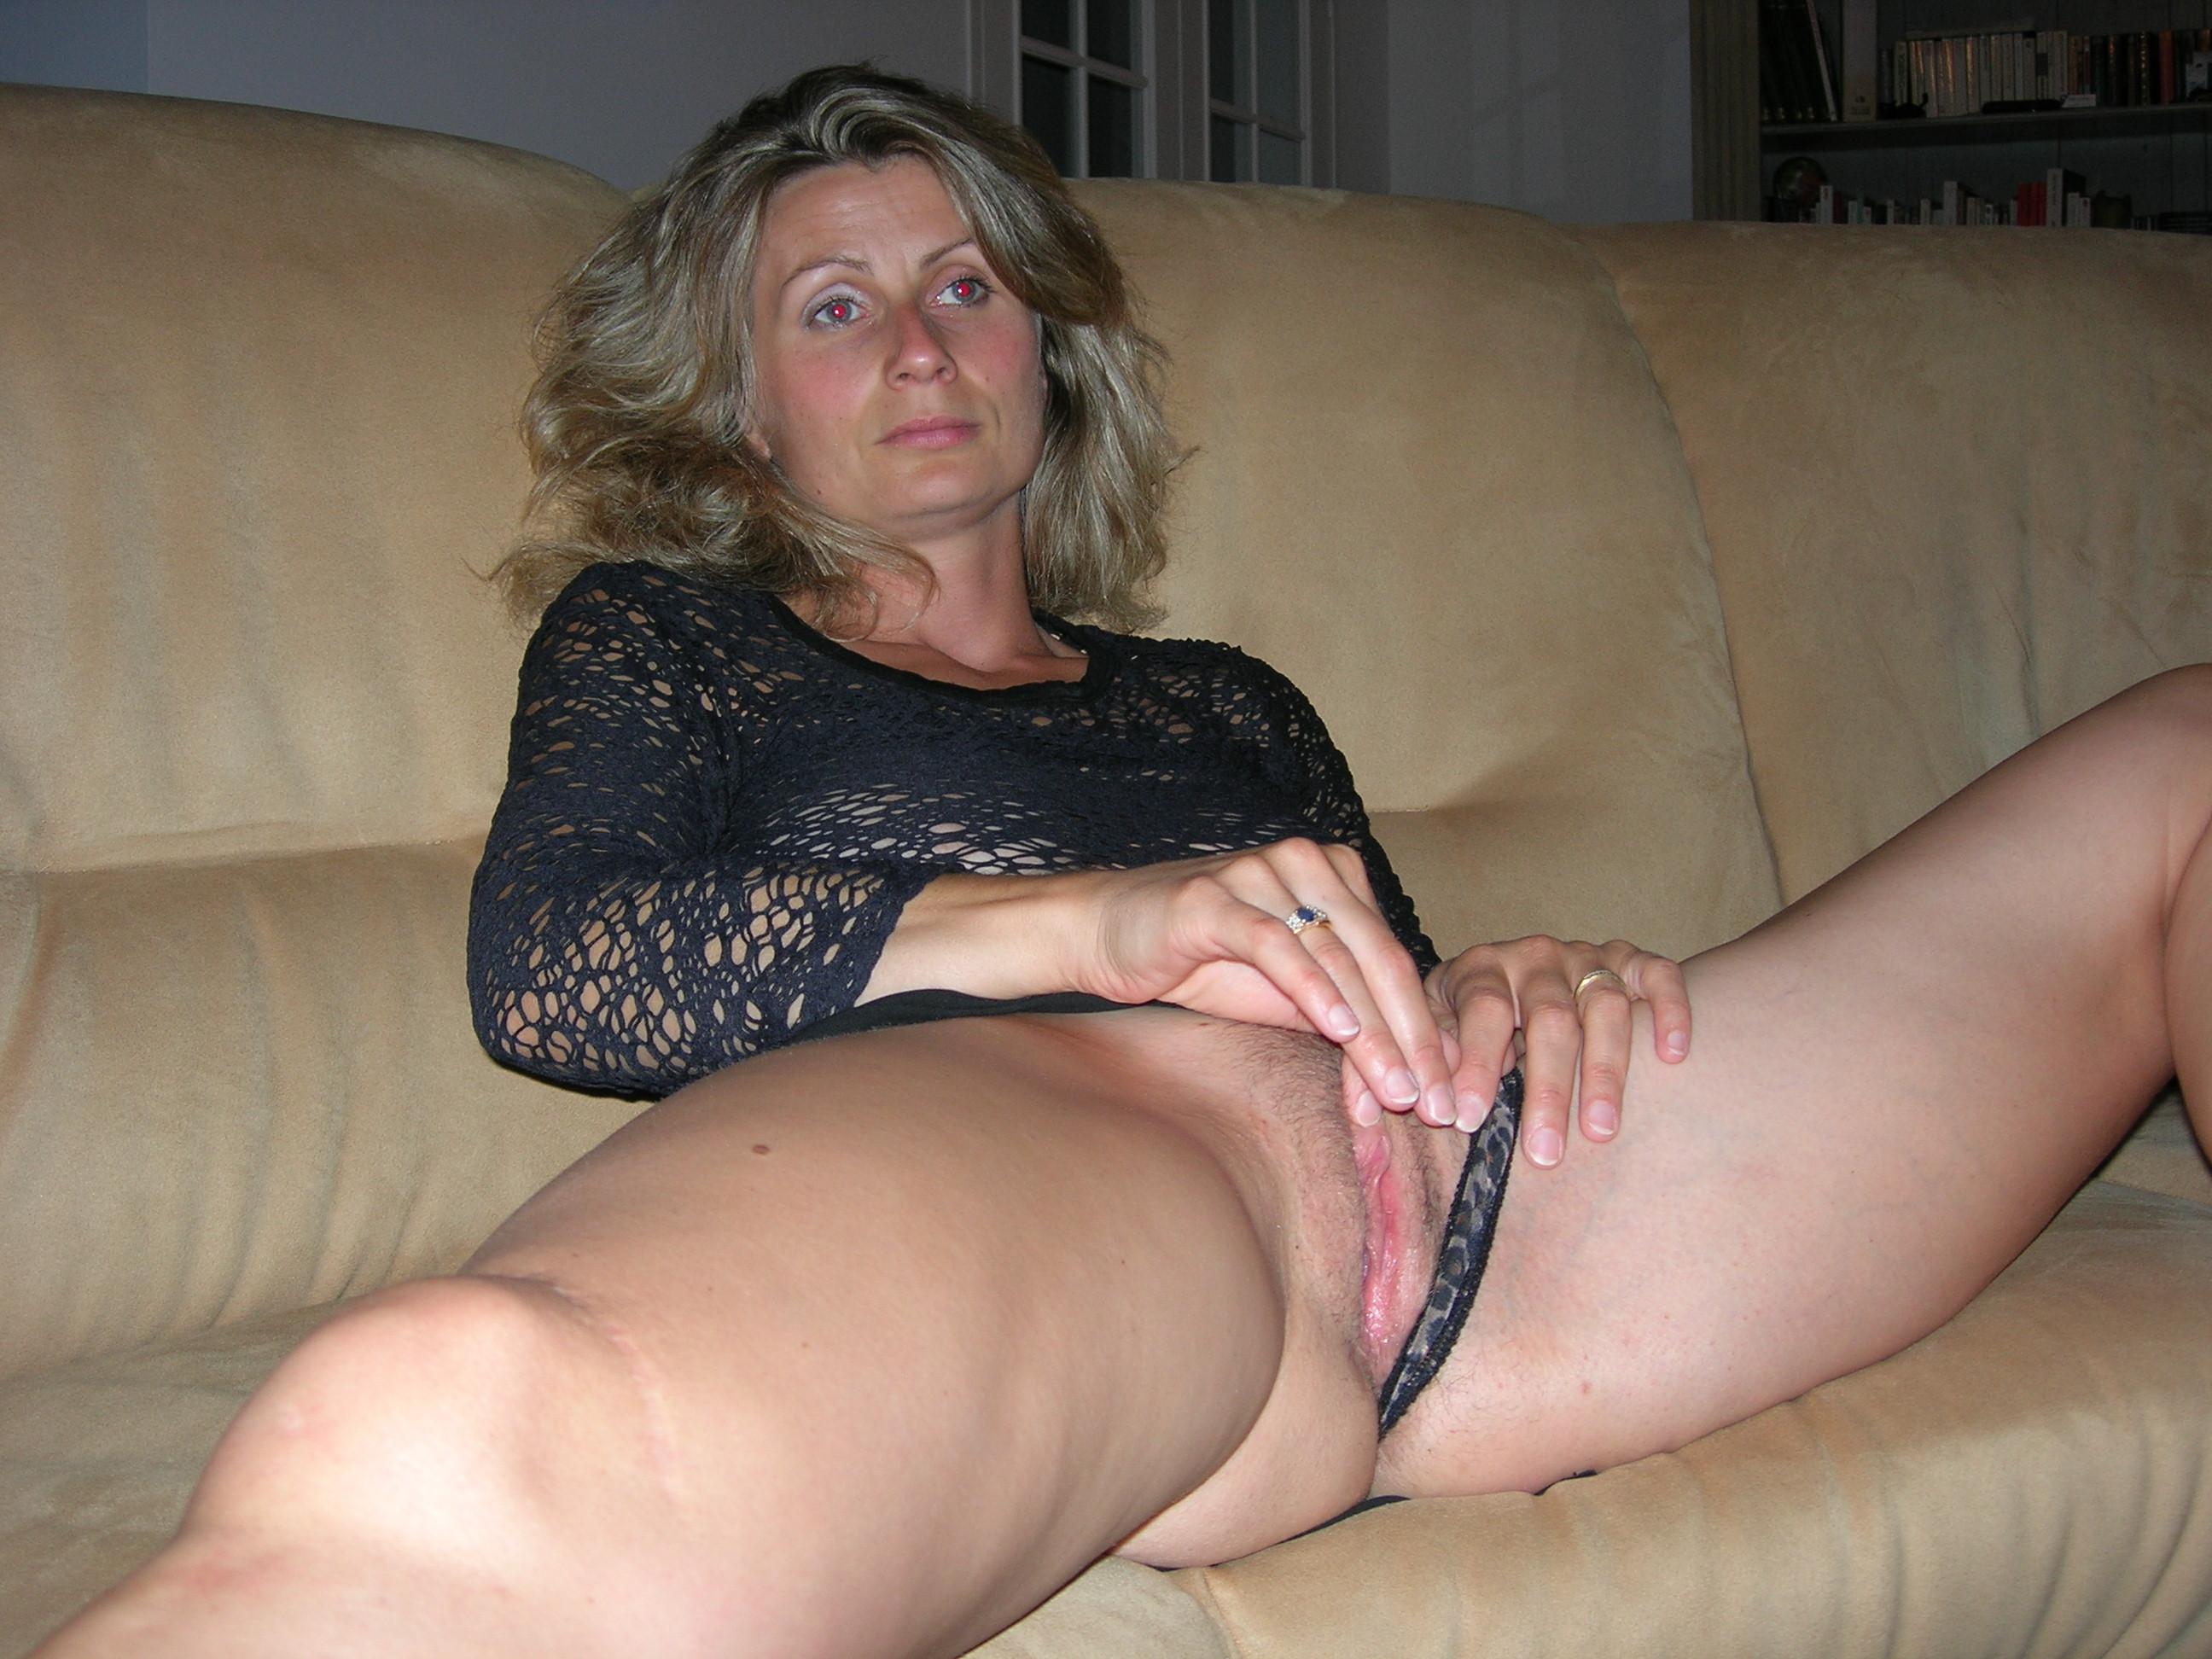 Фото частное смотреть женщин в домашних условиях 10 фотография